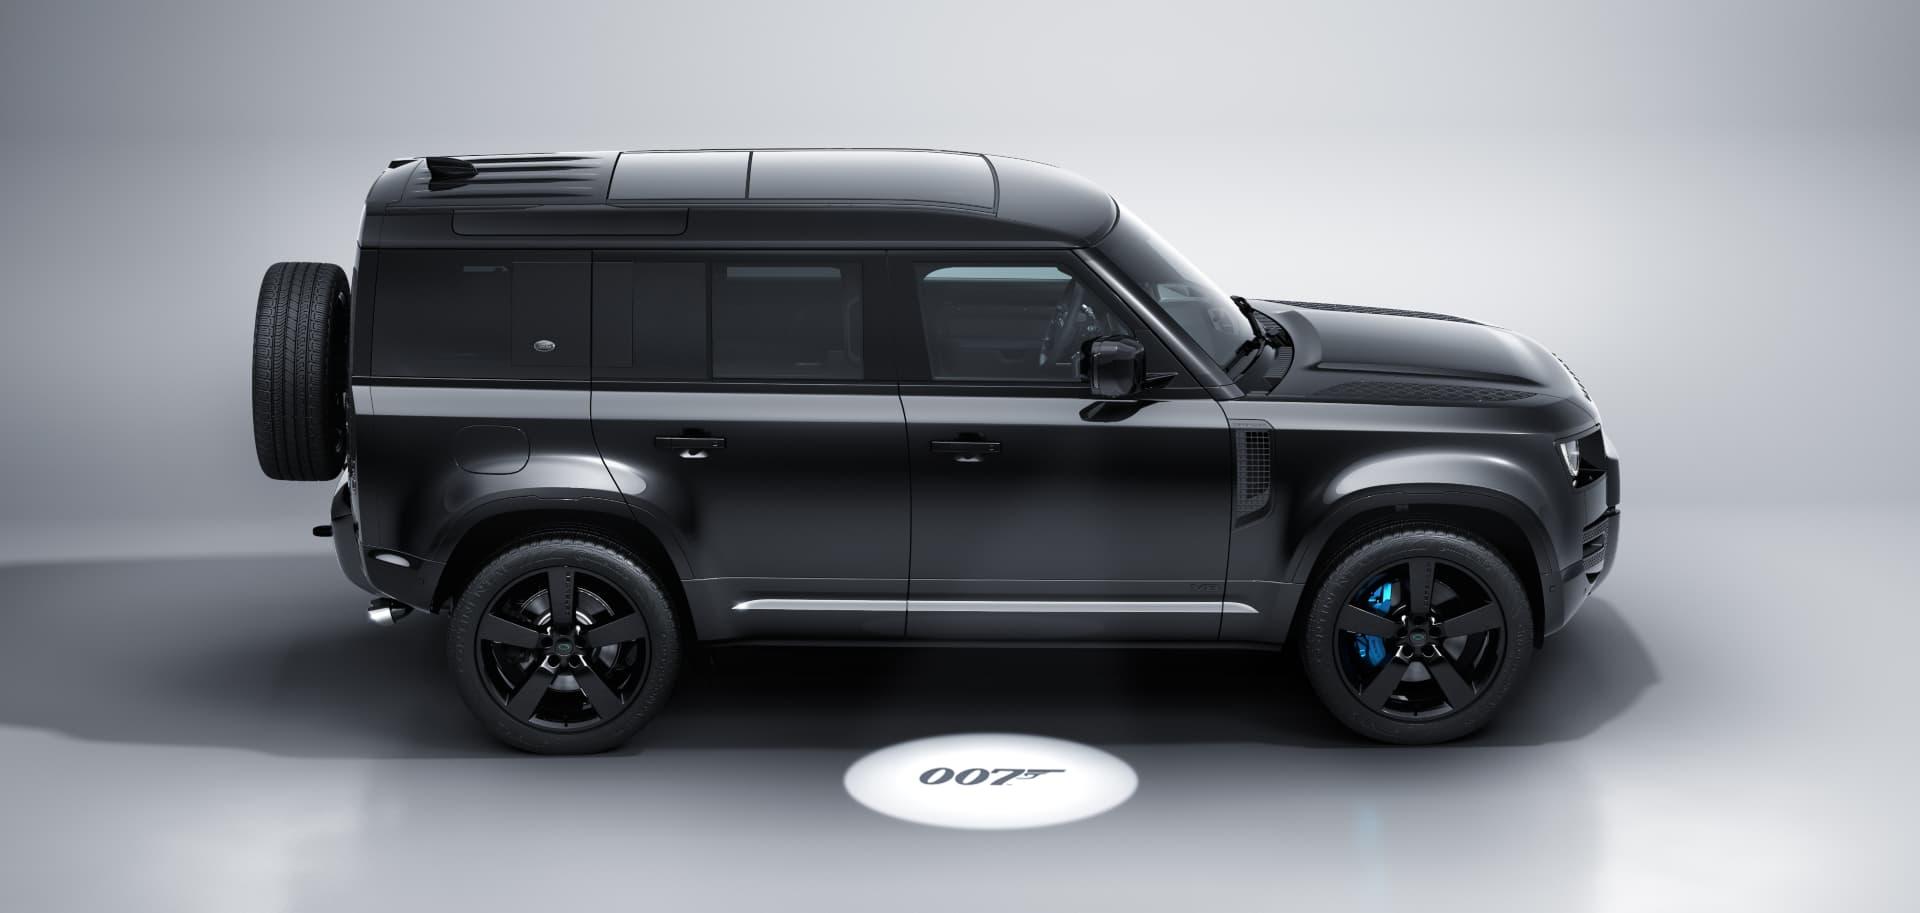 La nueva camioneta de Land Rover